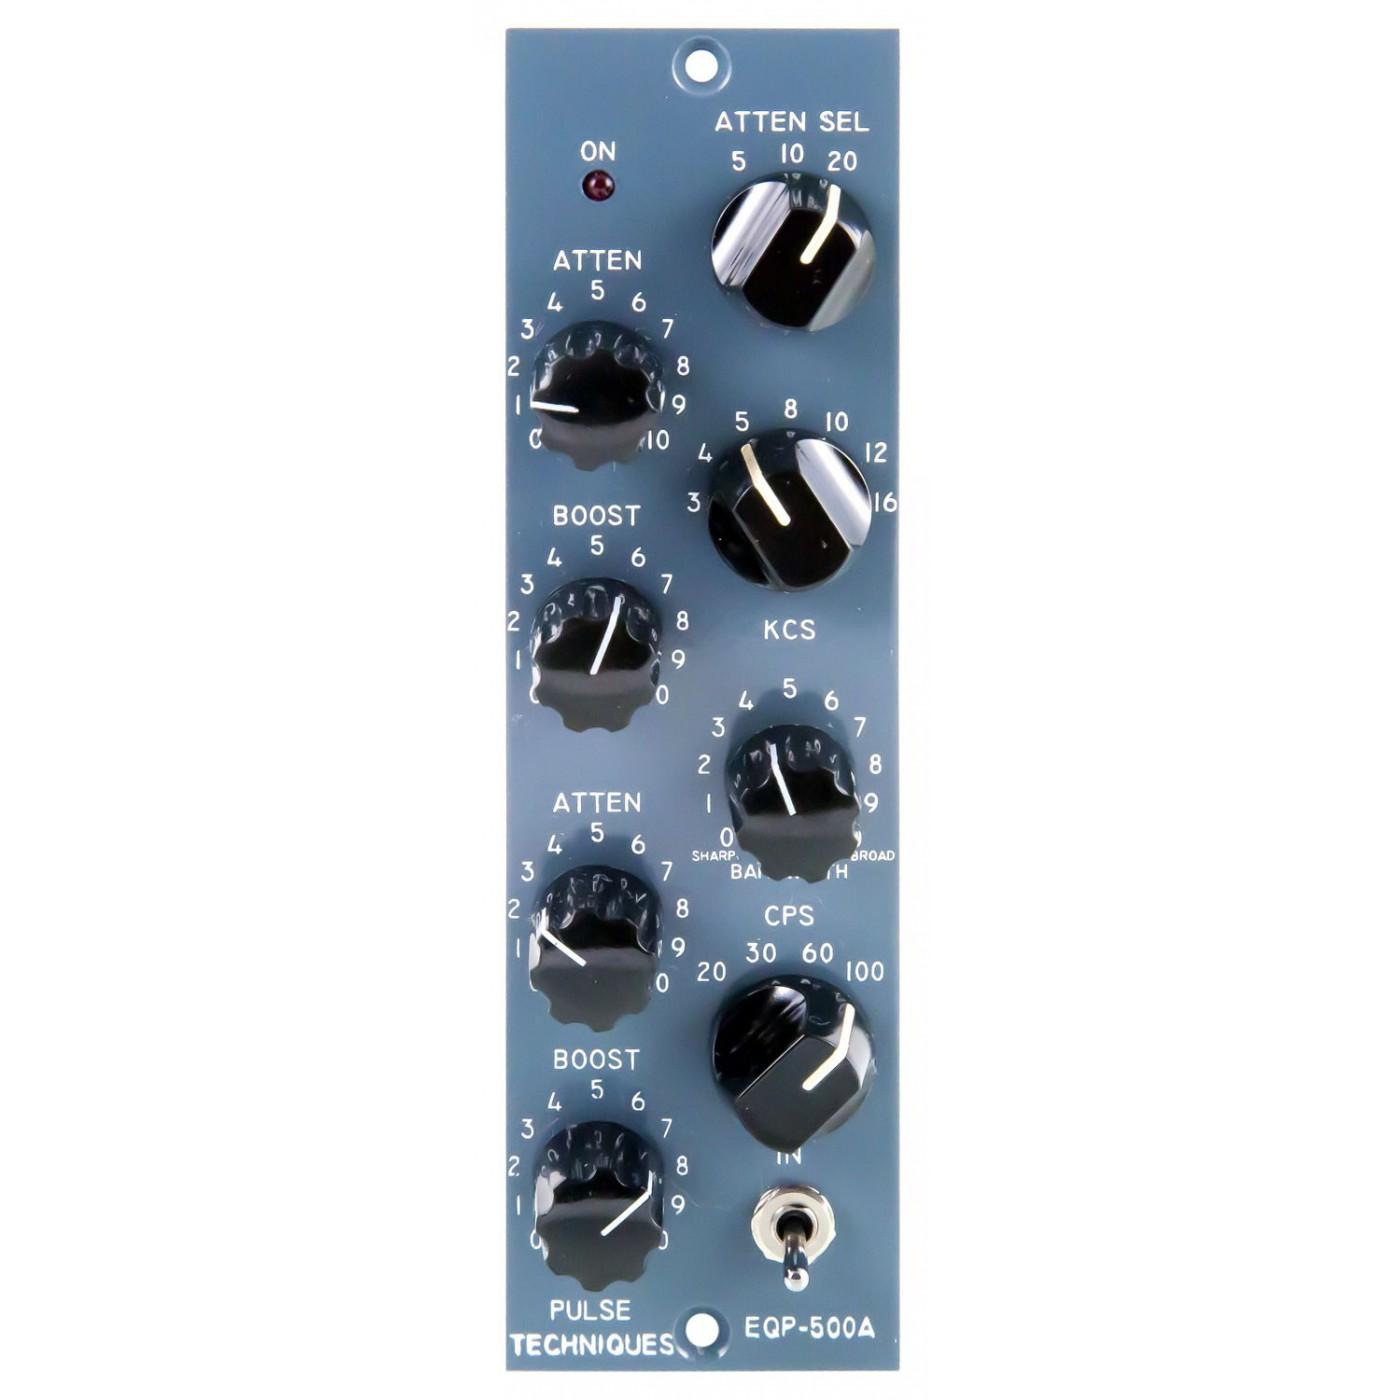 Pultec EQP-500A